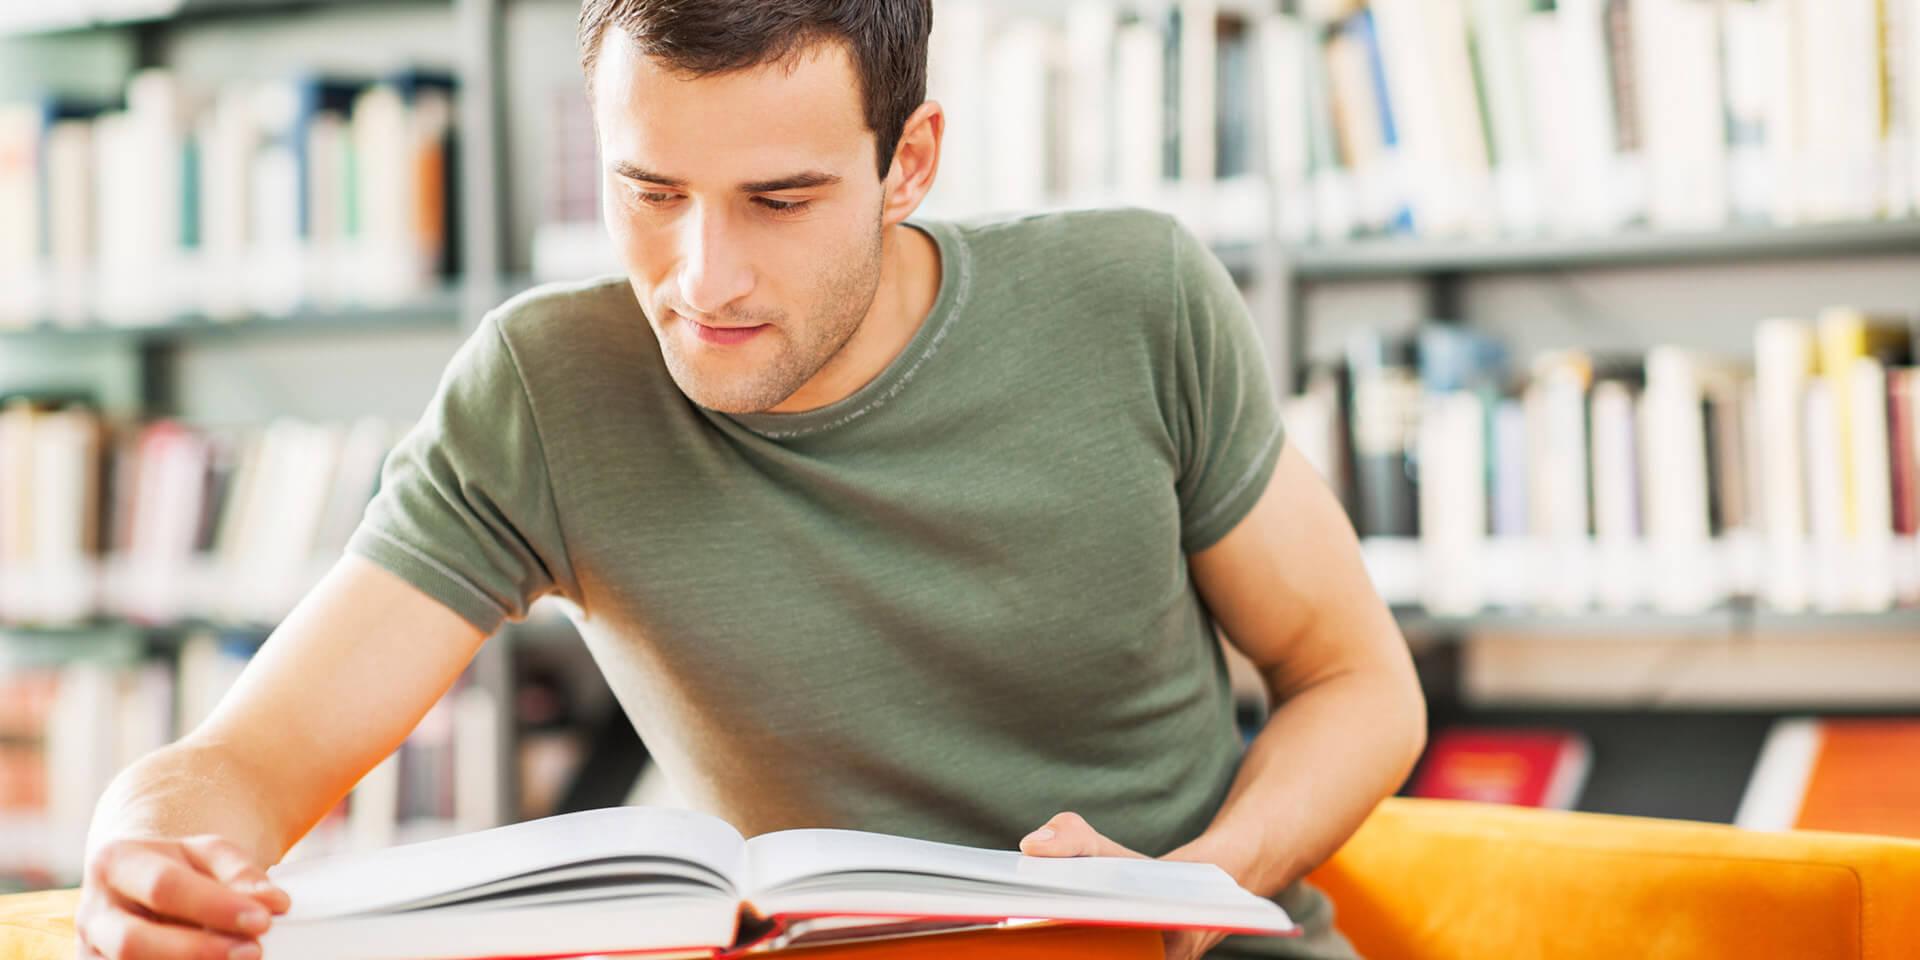 junger Mann liest